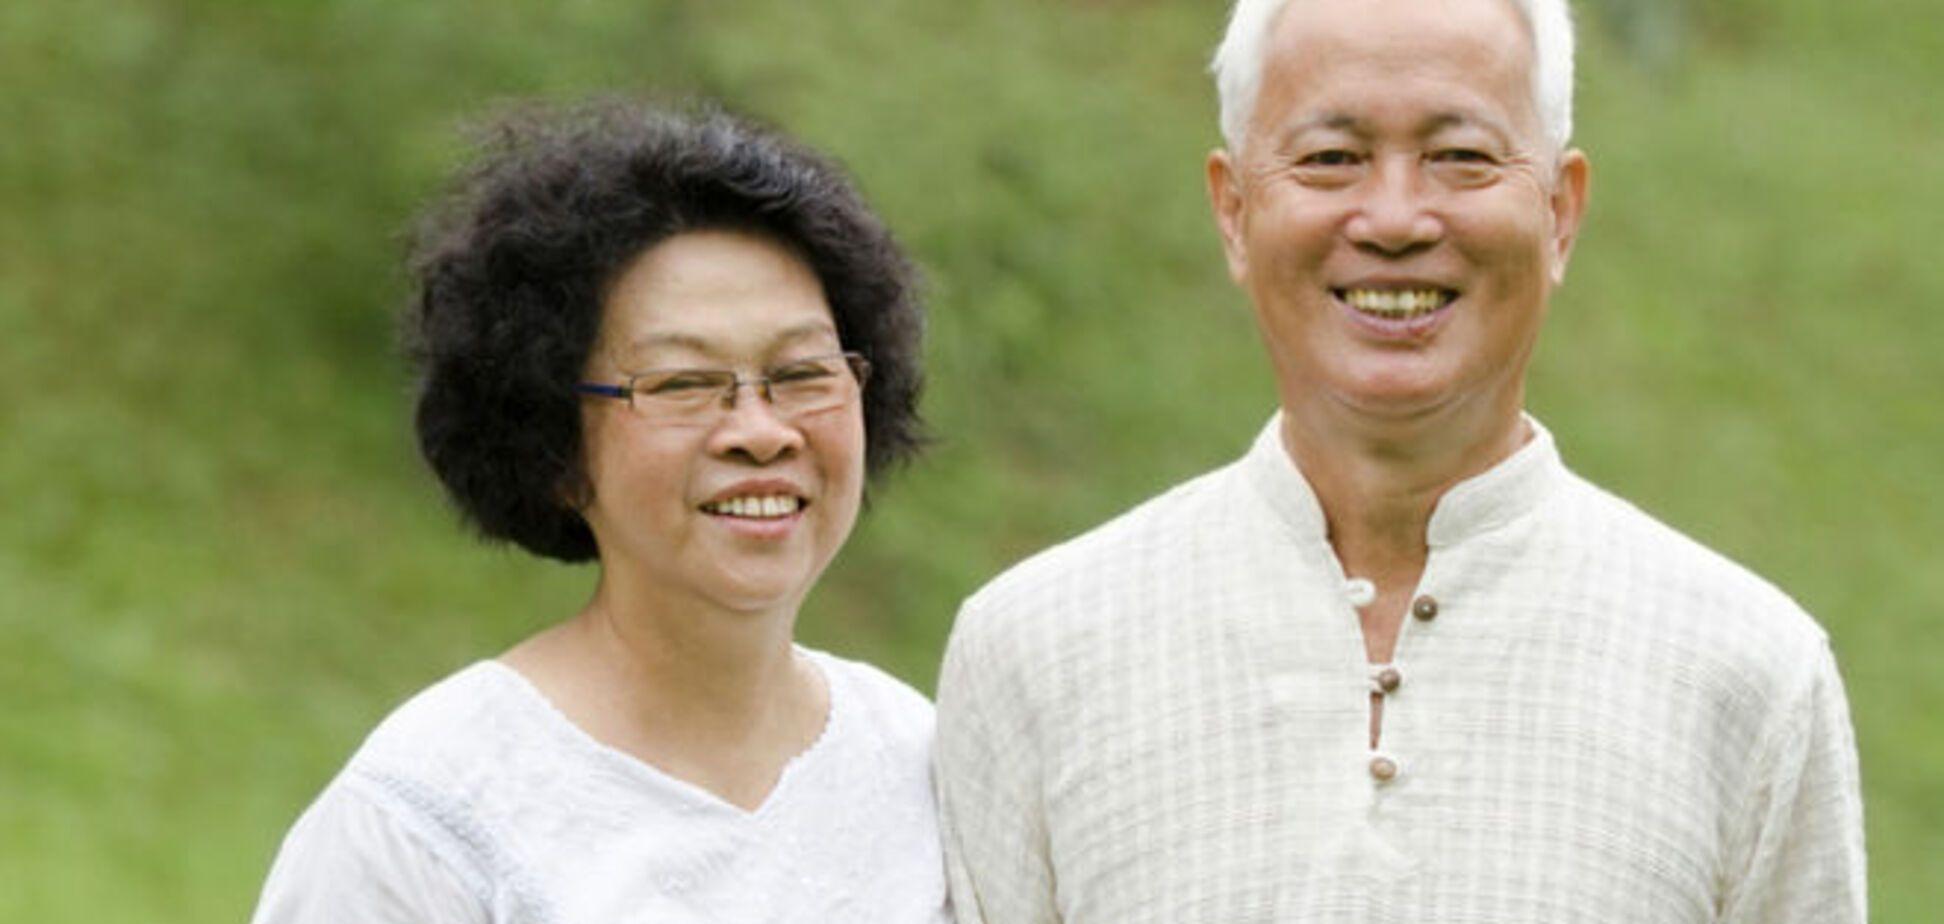 Узнайте о 'внутренняя улыбке' - оздоровительная даосская техника